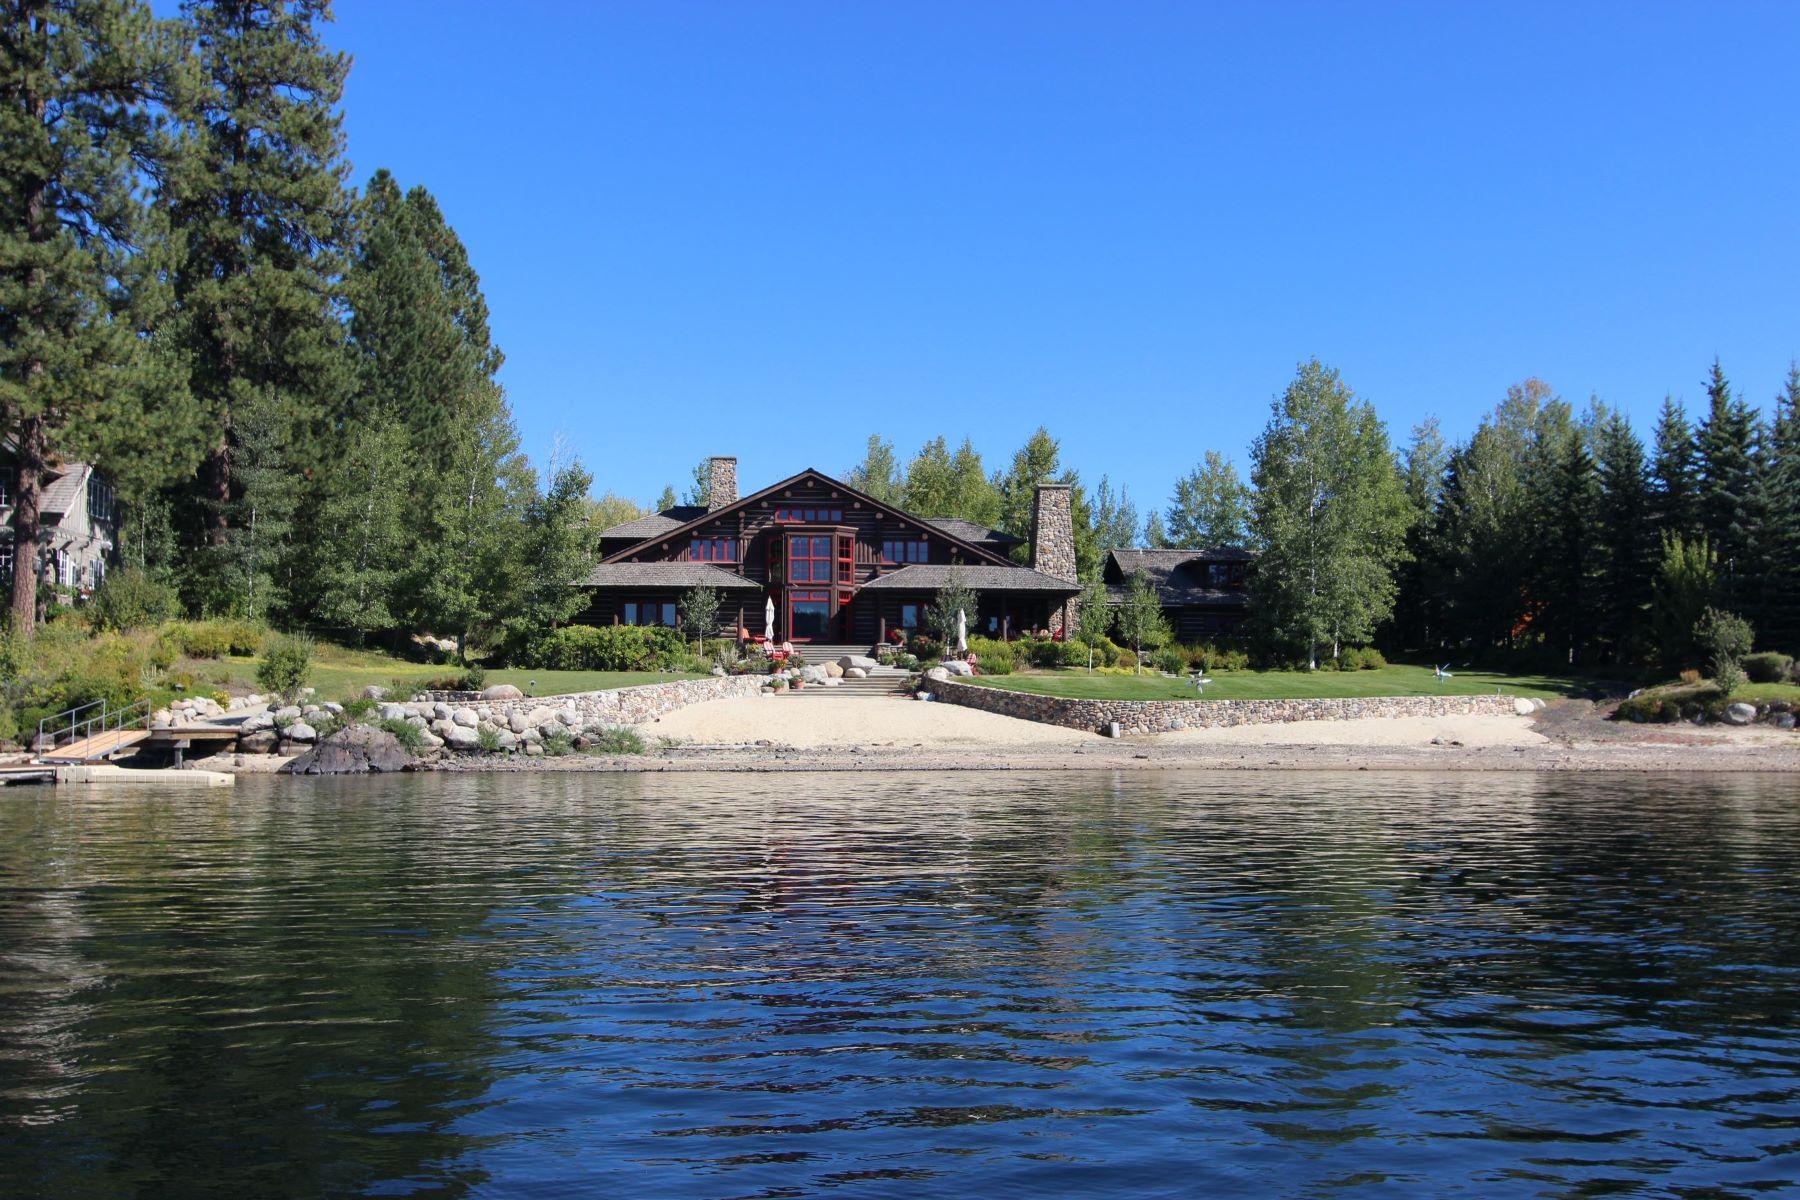 独户住宅 为 销售 在 1516 Mccall, Mccall McCall, 爱达荷州, 83638 美国